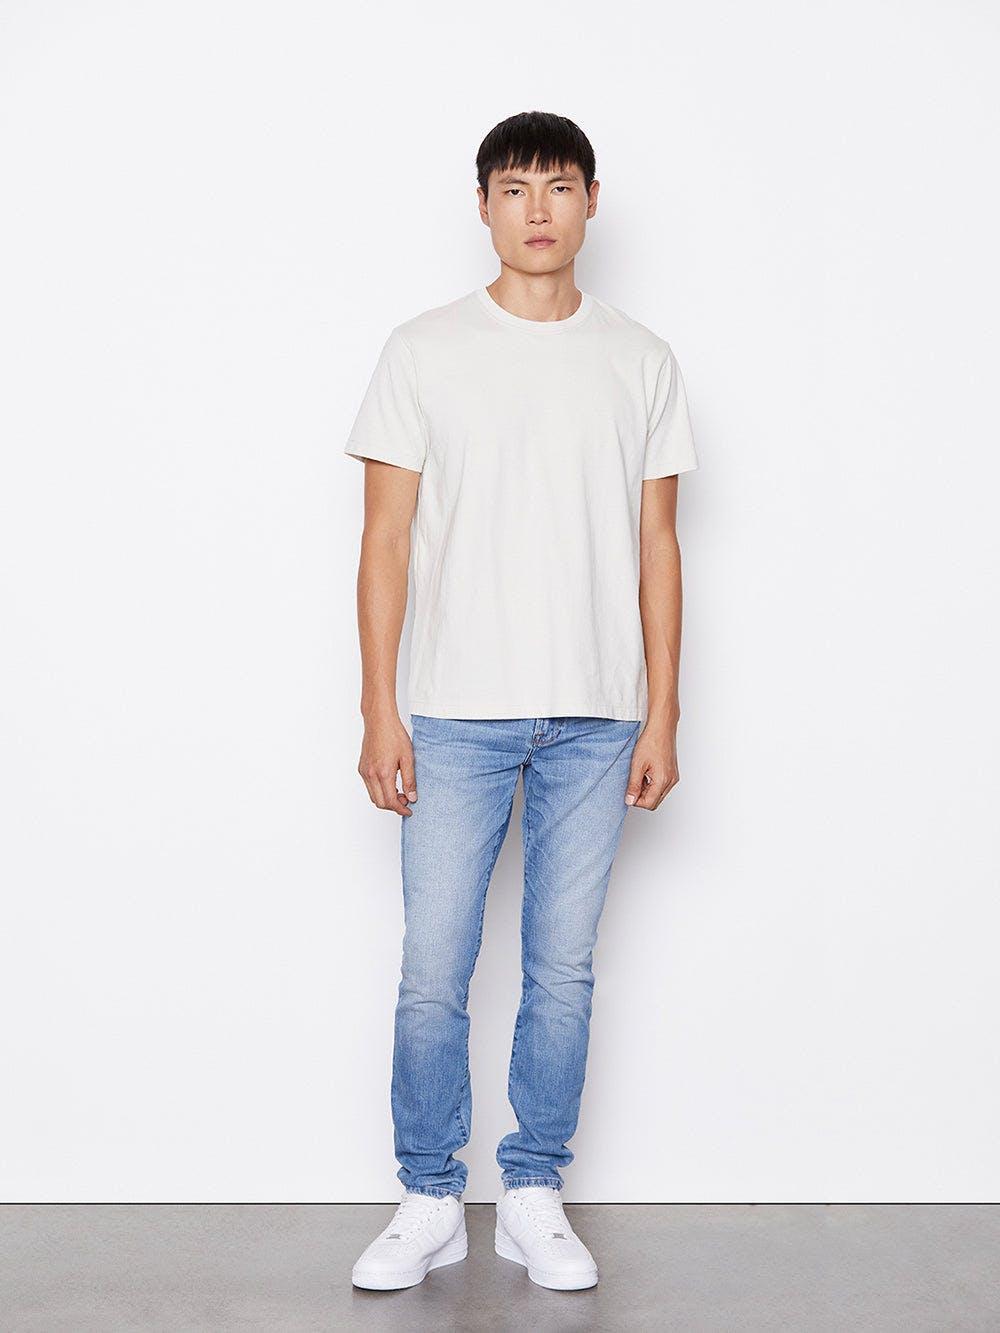 shirt full body view